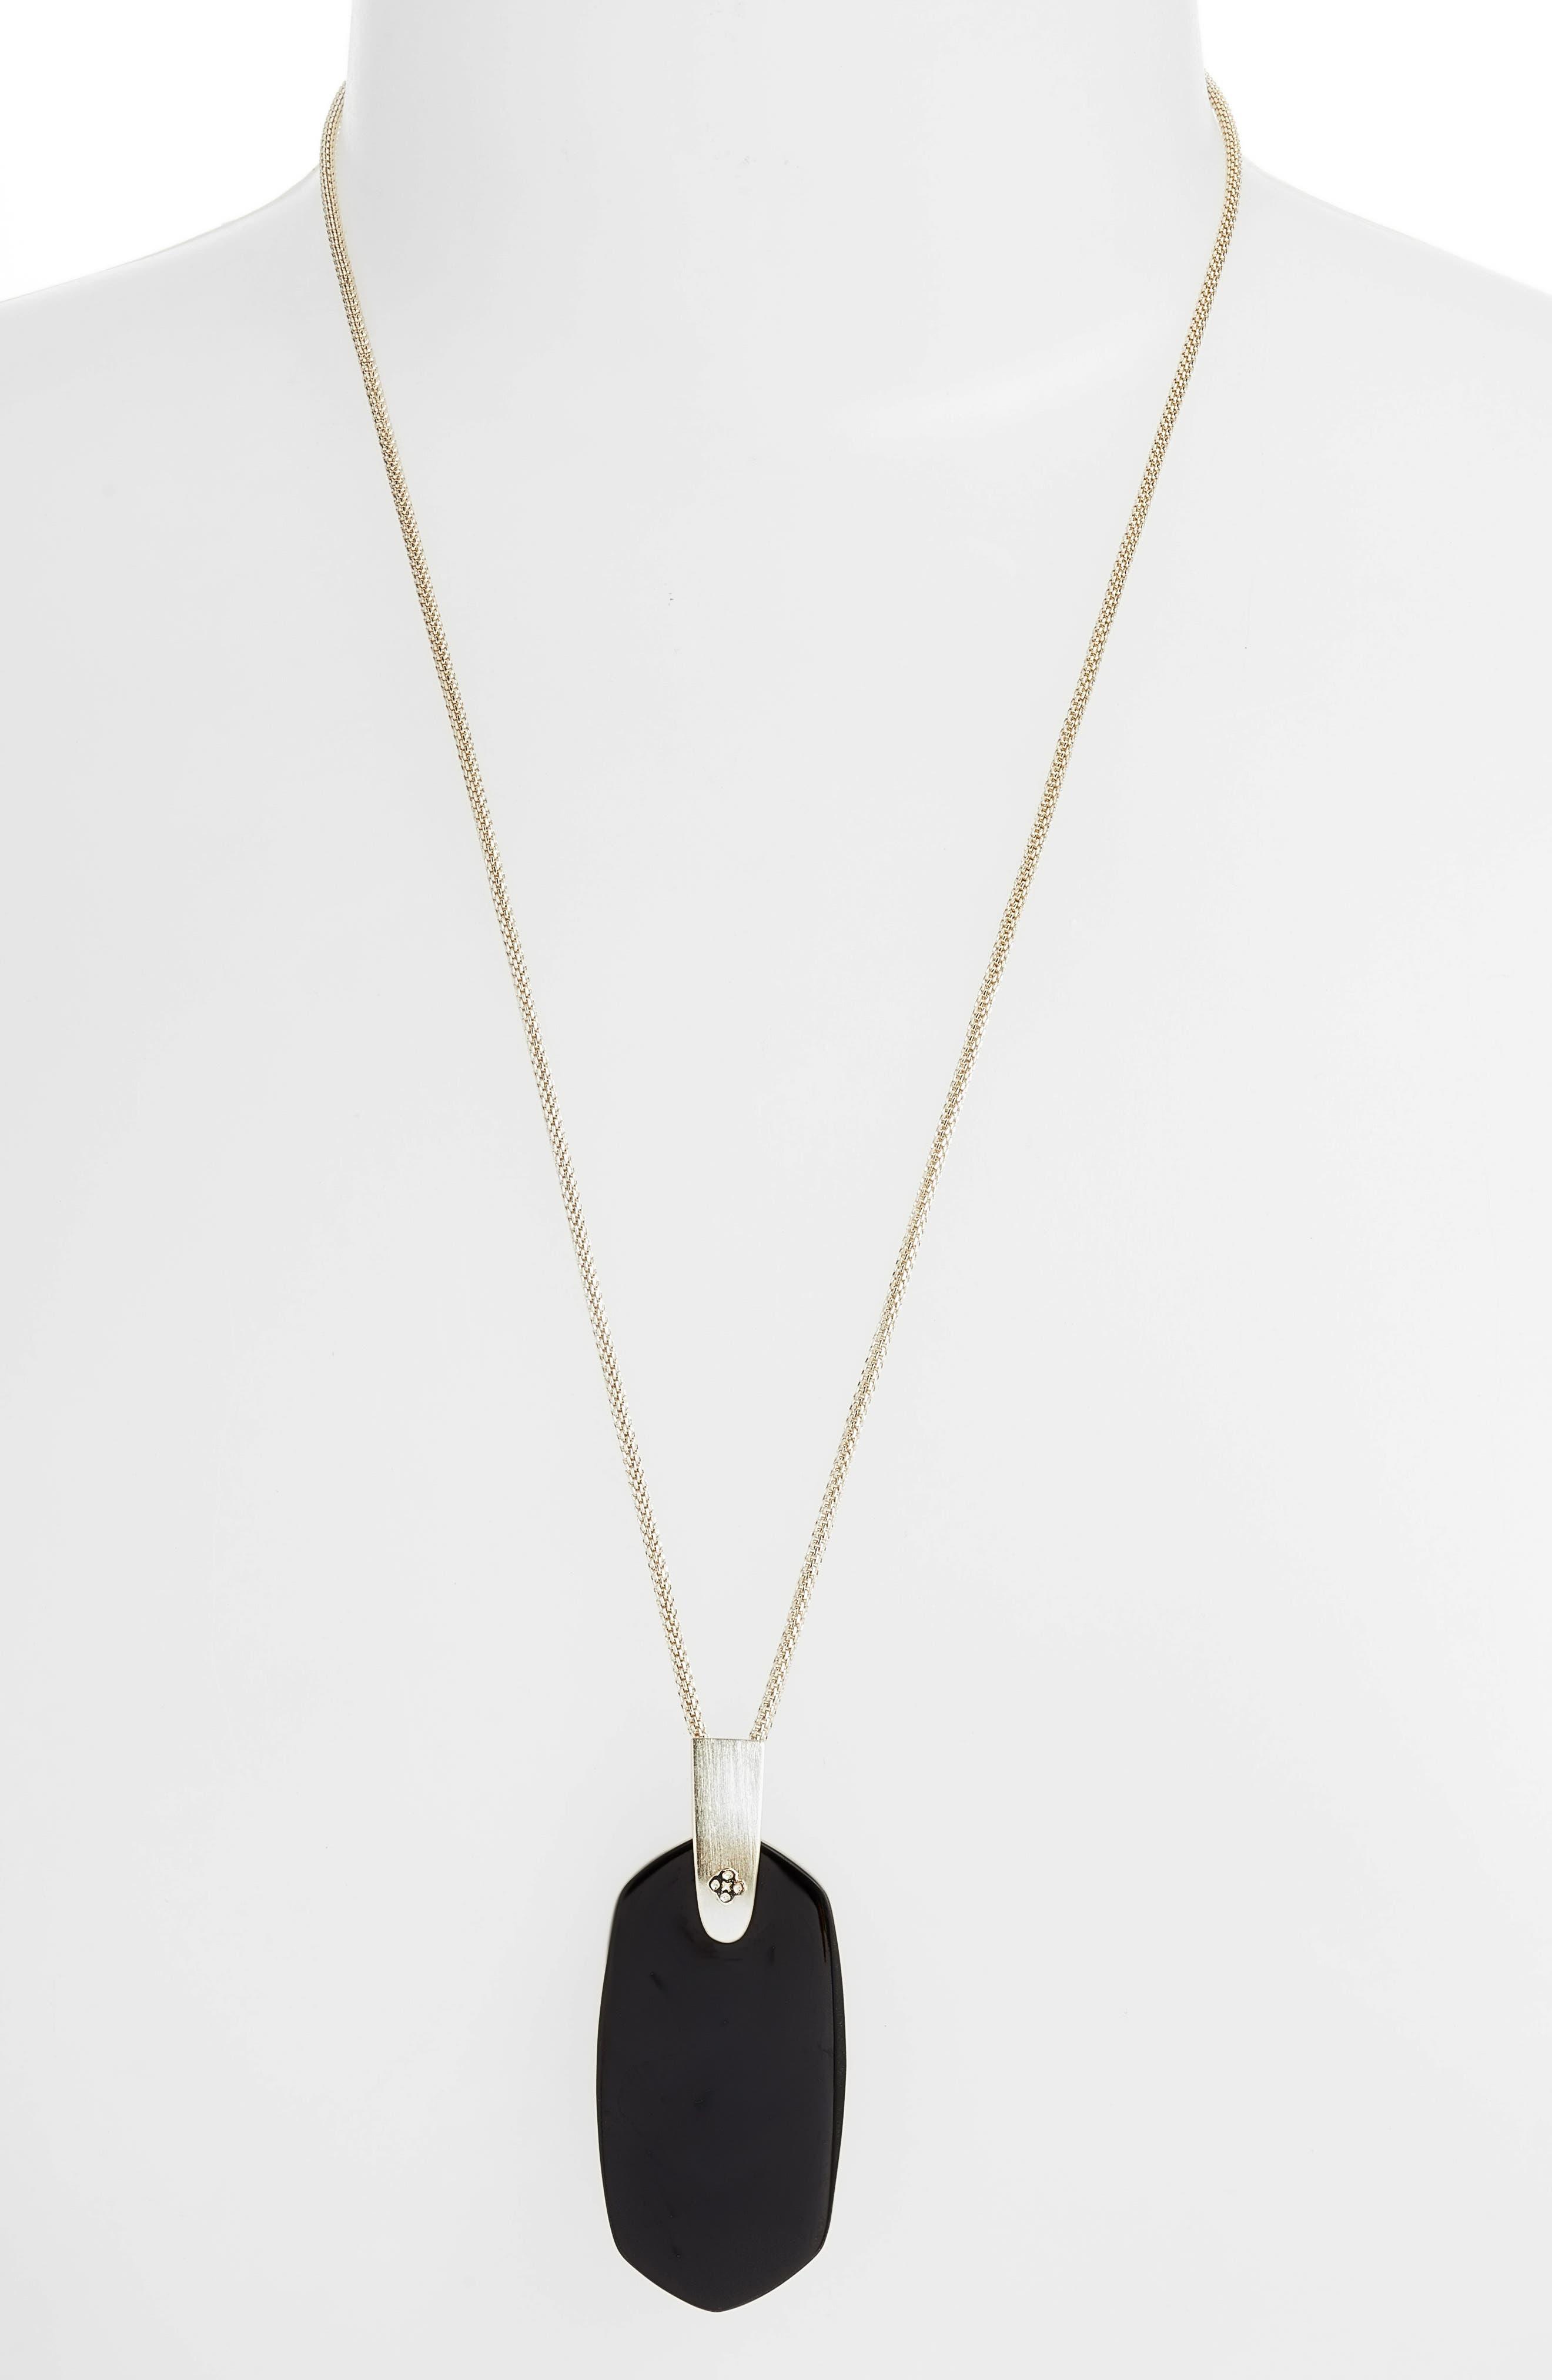 Inez Pendant Necklace,                             Main thumbnail 1, color,                             BLACK/ GOLD